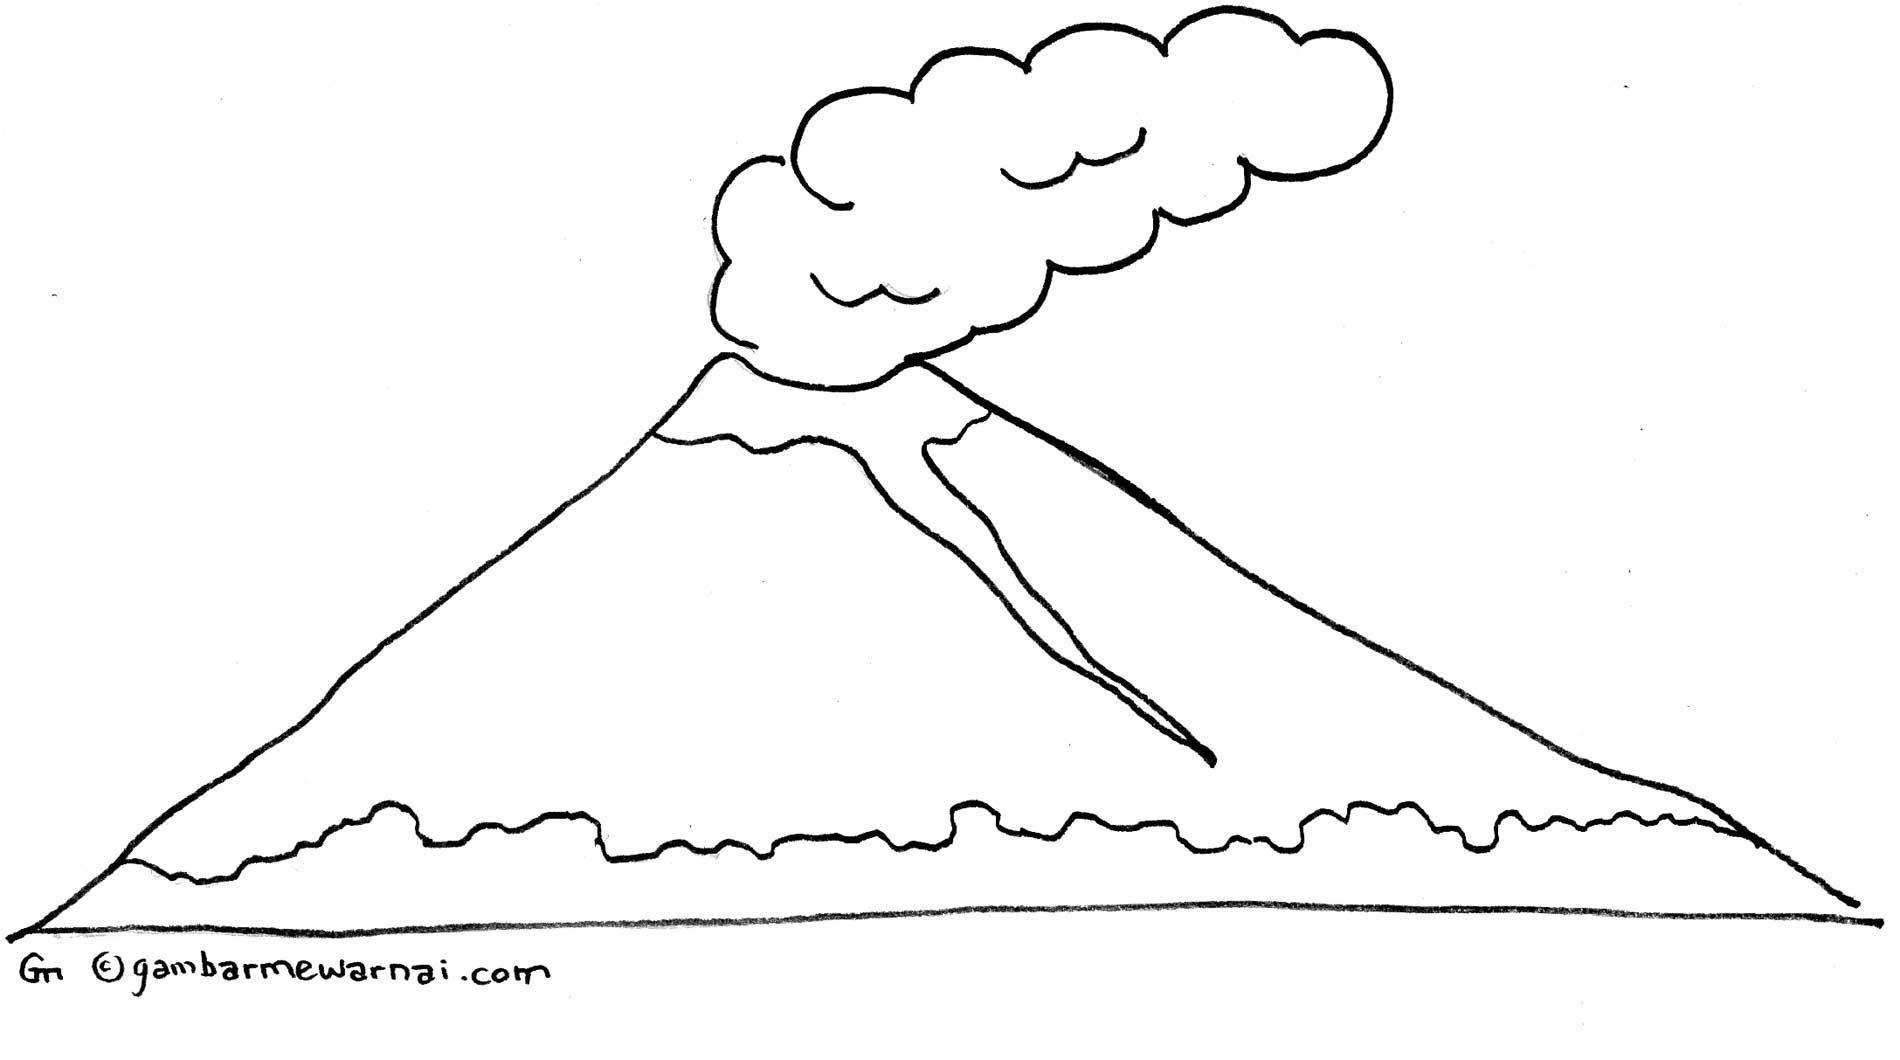 Gambar Gambar Rumah Adat Mewarnai Mainan Anak Lovers Gunung